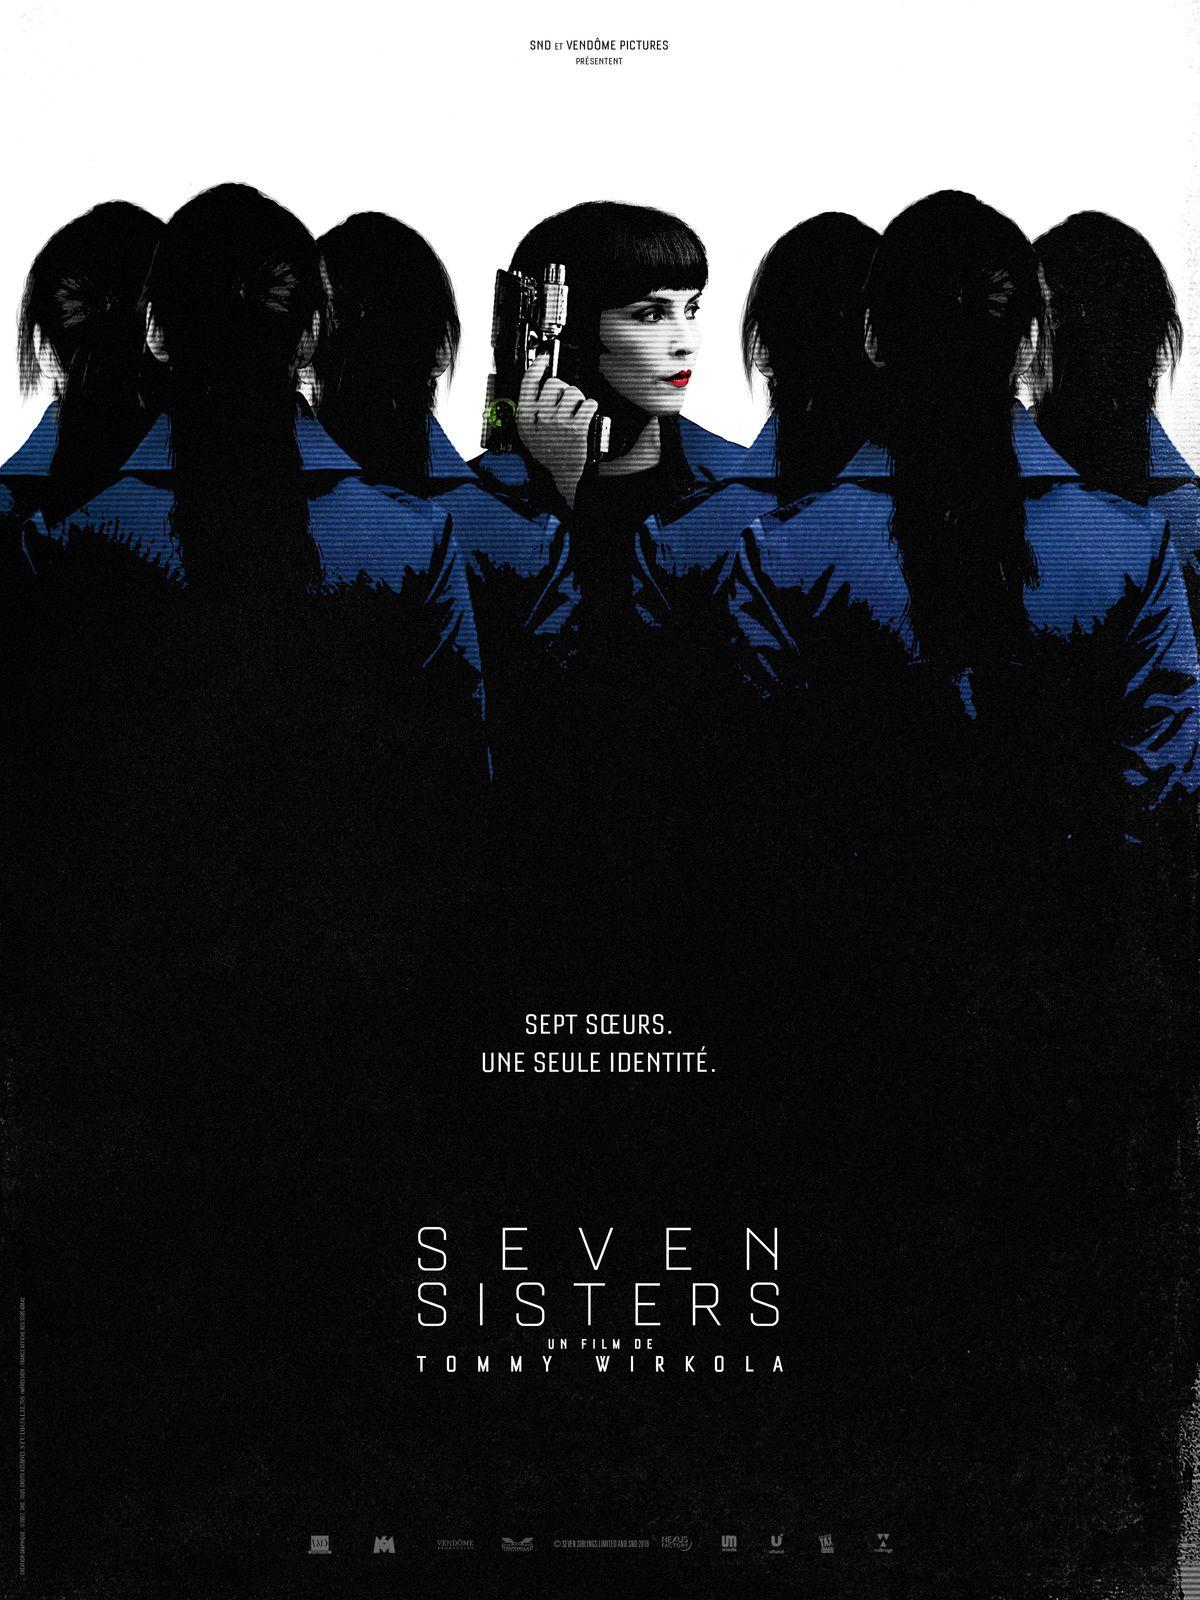 SEVEN SISTERS ! Au cinéma le 30 août 2017 avec Noomi RAPACE, Glenn CLOSE, Willem DAFOE